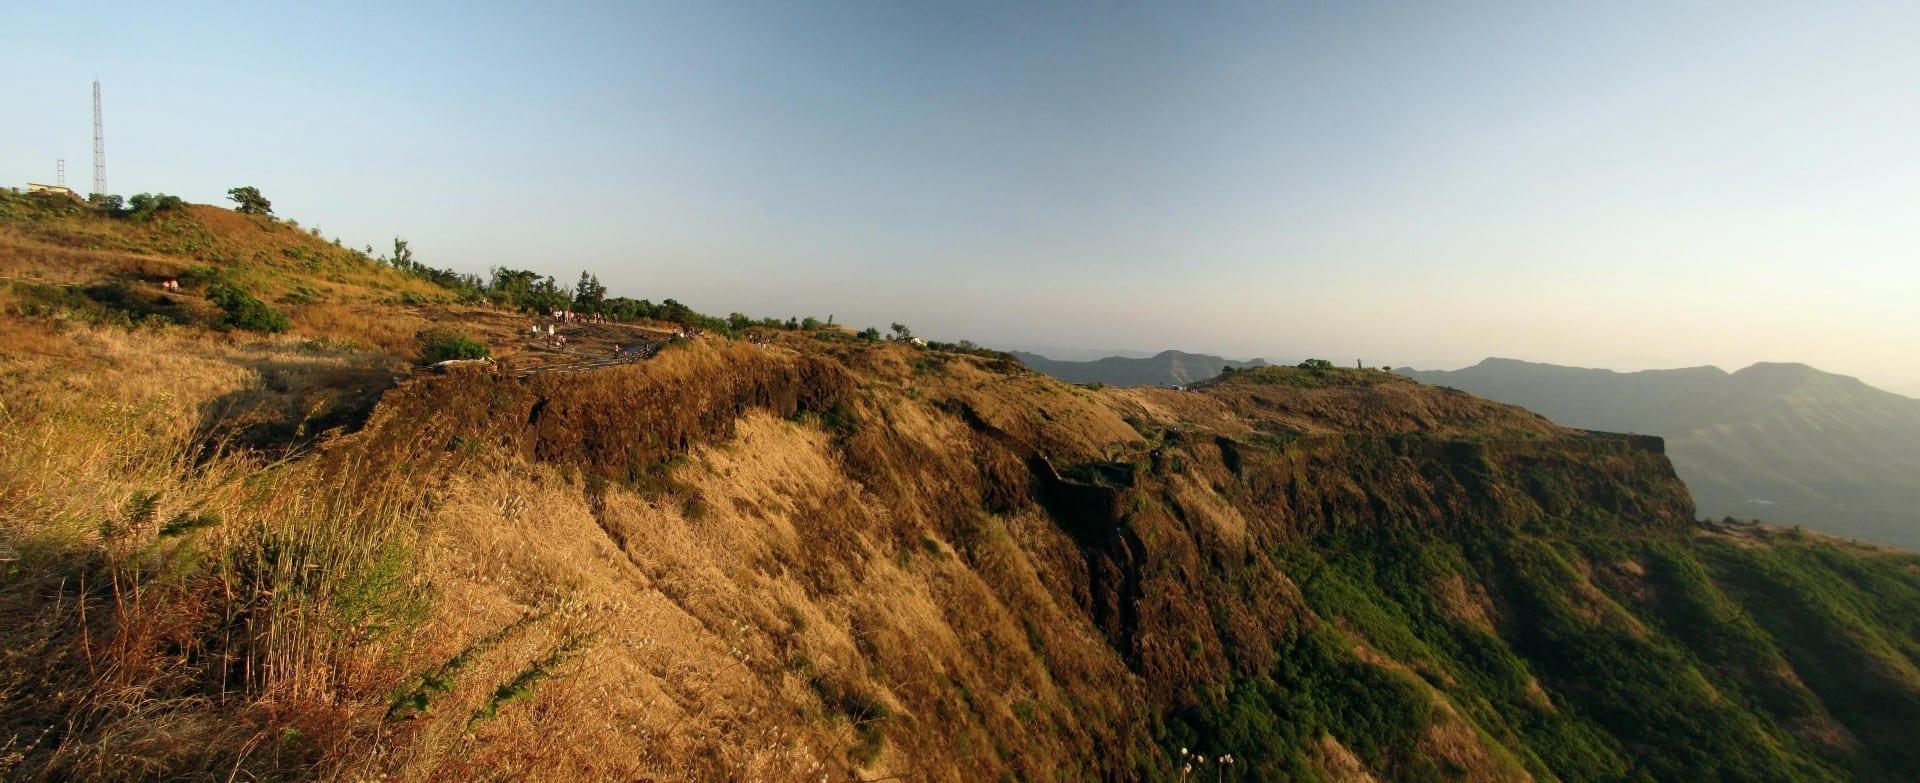 El fuerte de Cynthia Pune India